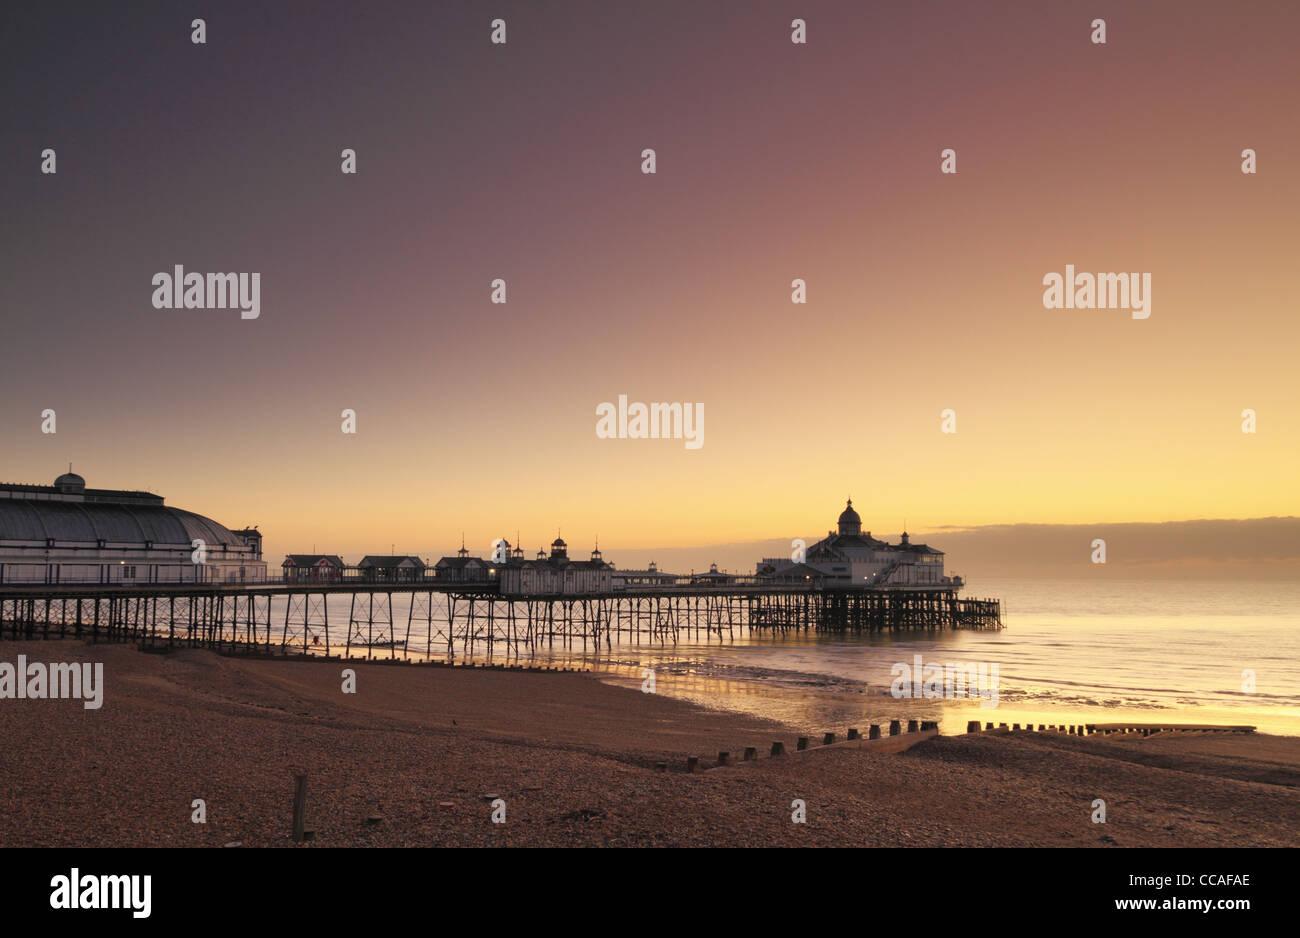 Eastbourne Pier dawn dusk sun rise set sunrise sunset sea seaside beach east Sussex England - Stock Image